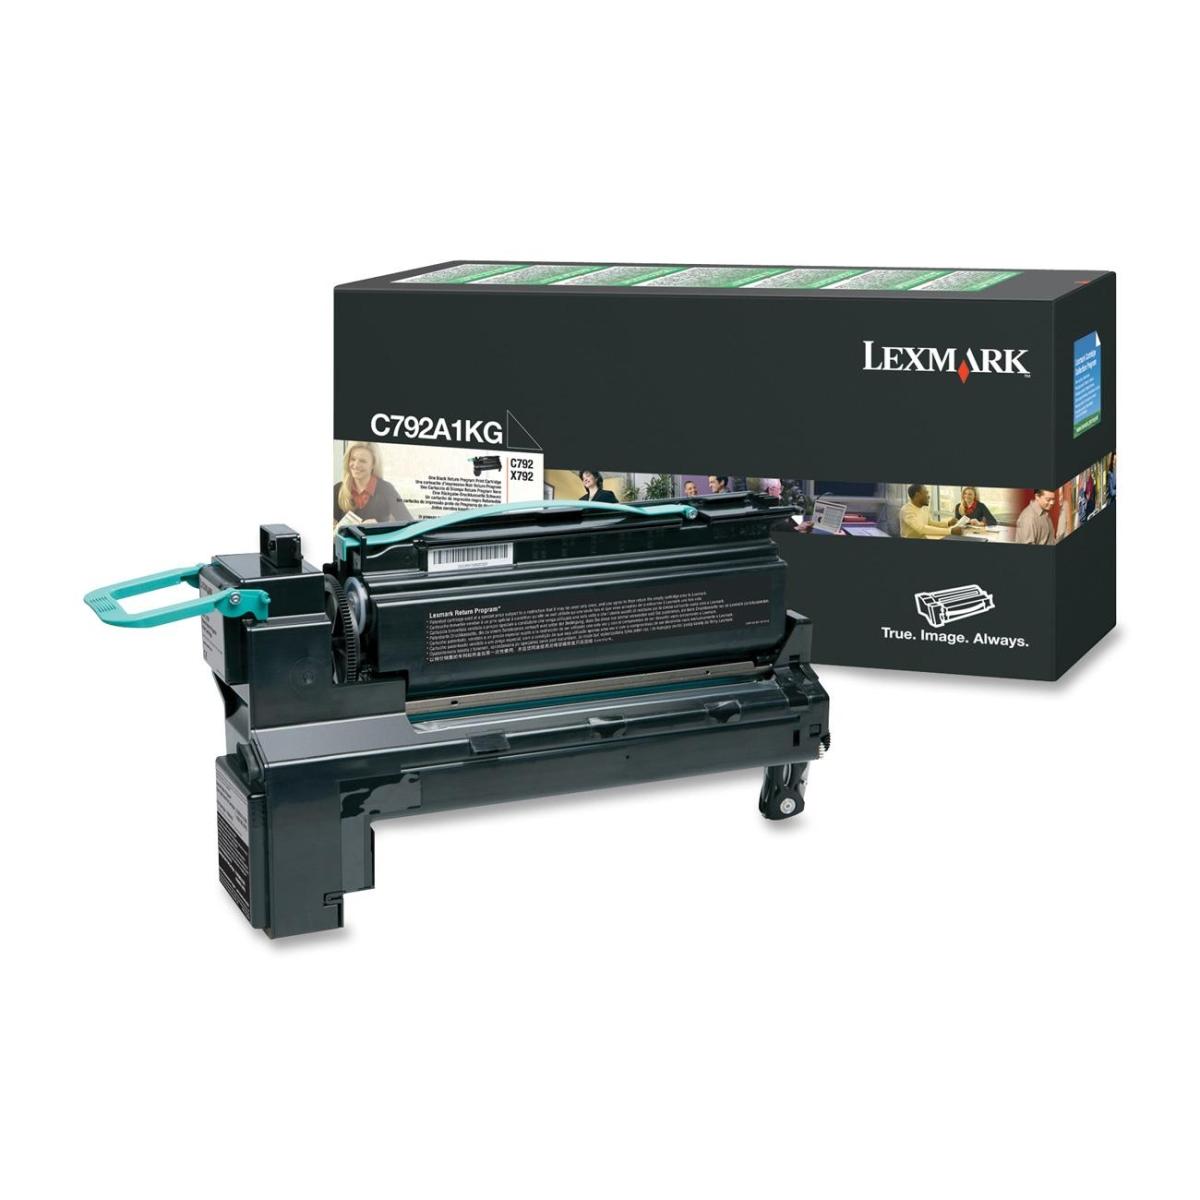 Black - original - toner cartridge LCCP LRP - for C792de 792dhe 792dte 792e; X792de 792dte 792dtfe 792dtme 792dtpe 792dtse